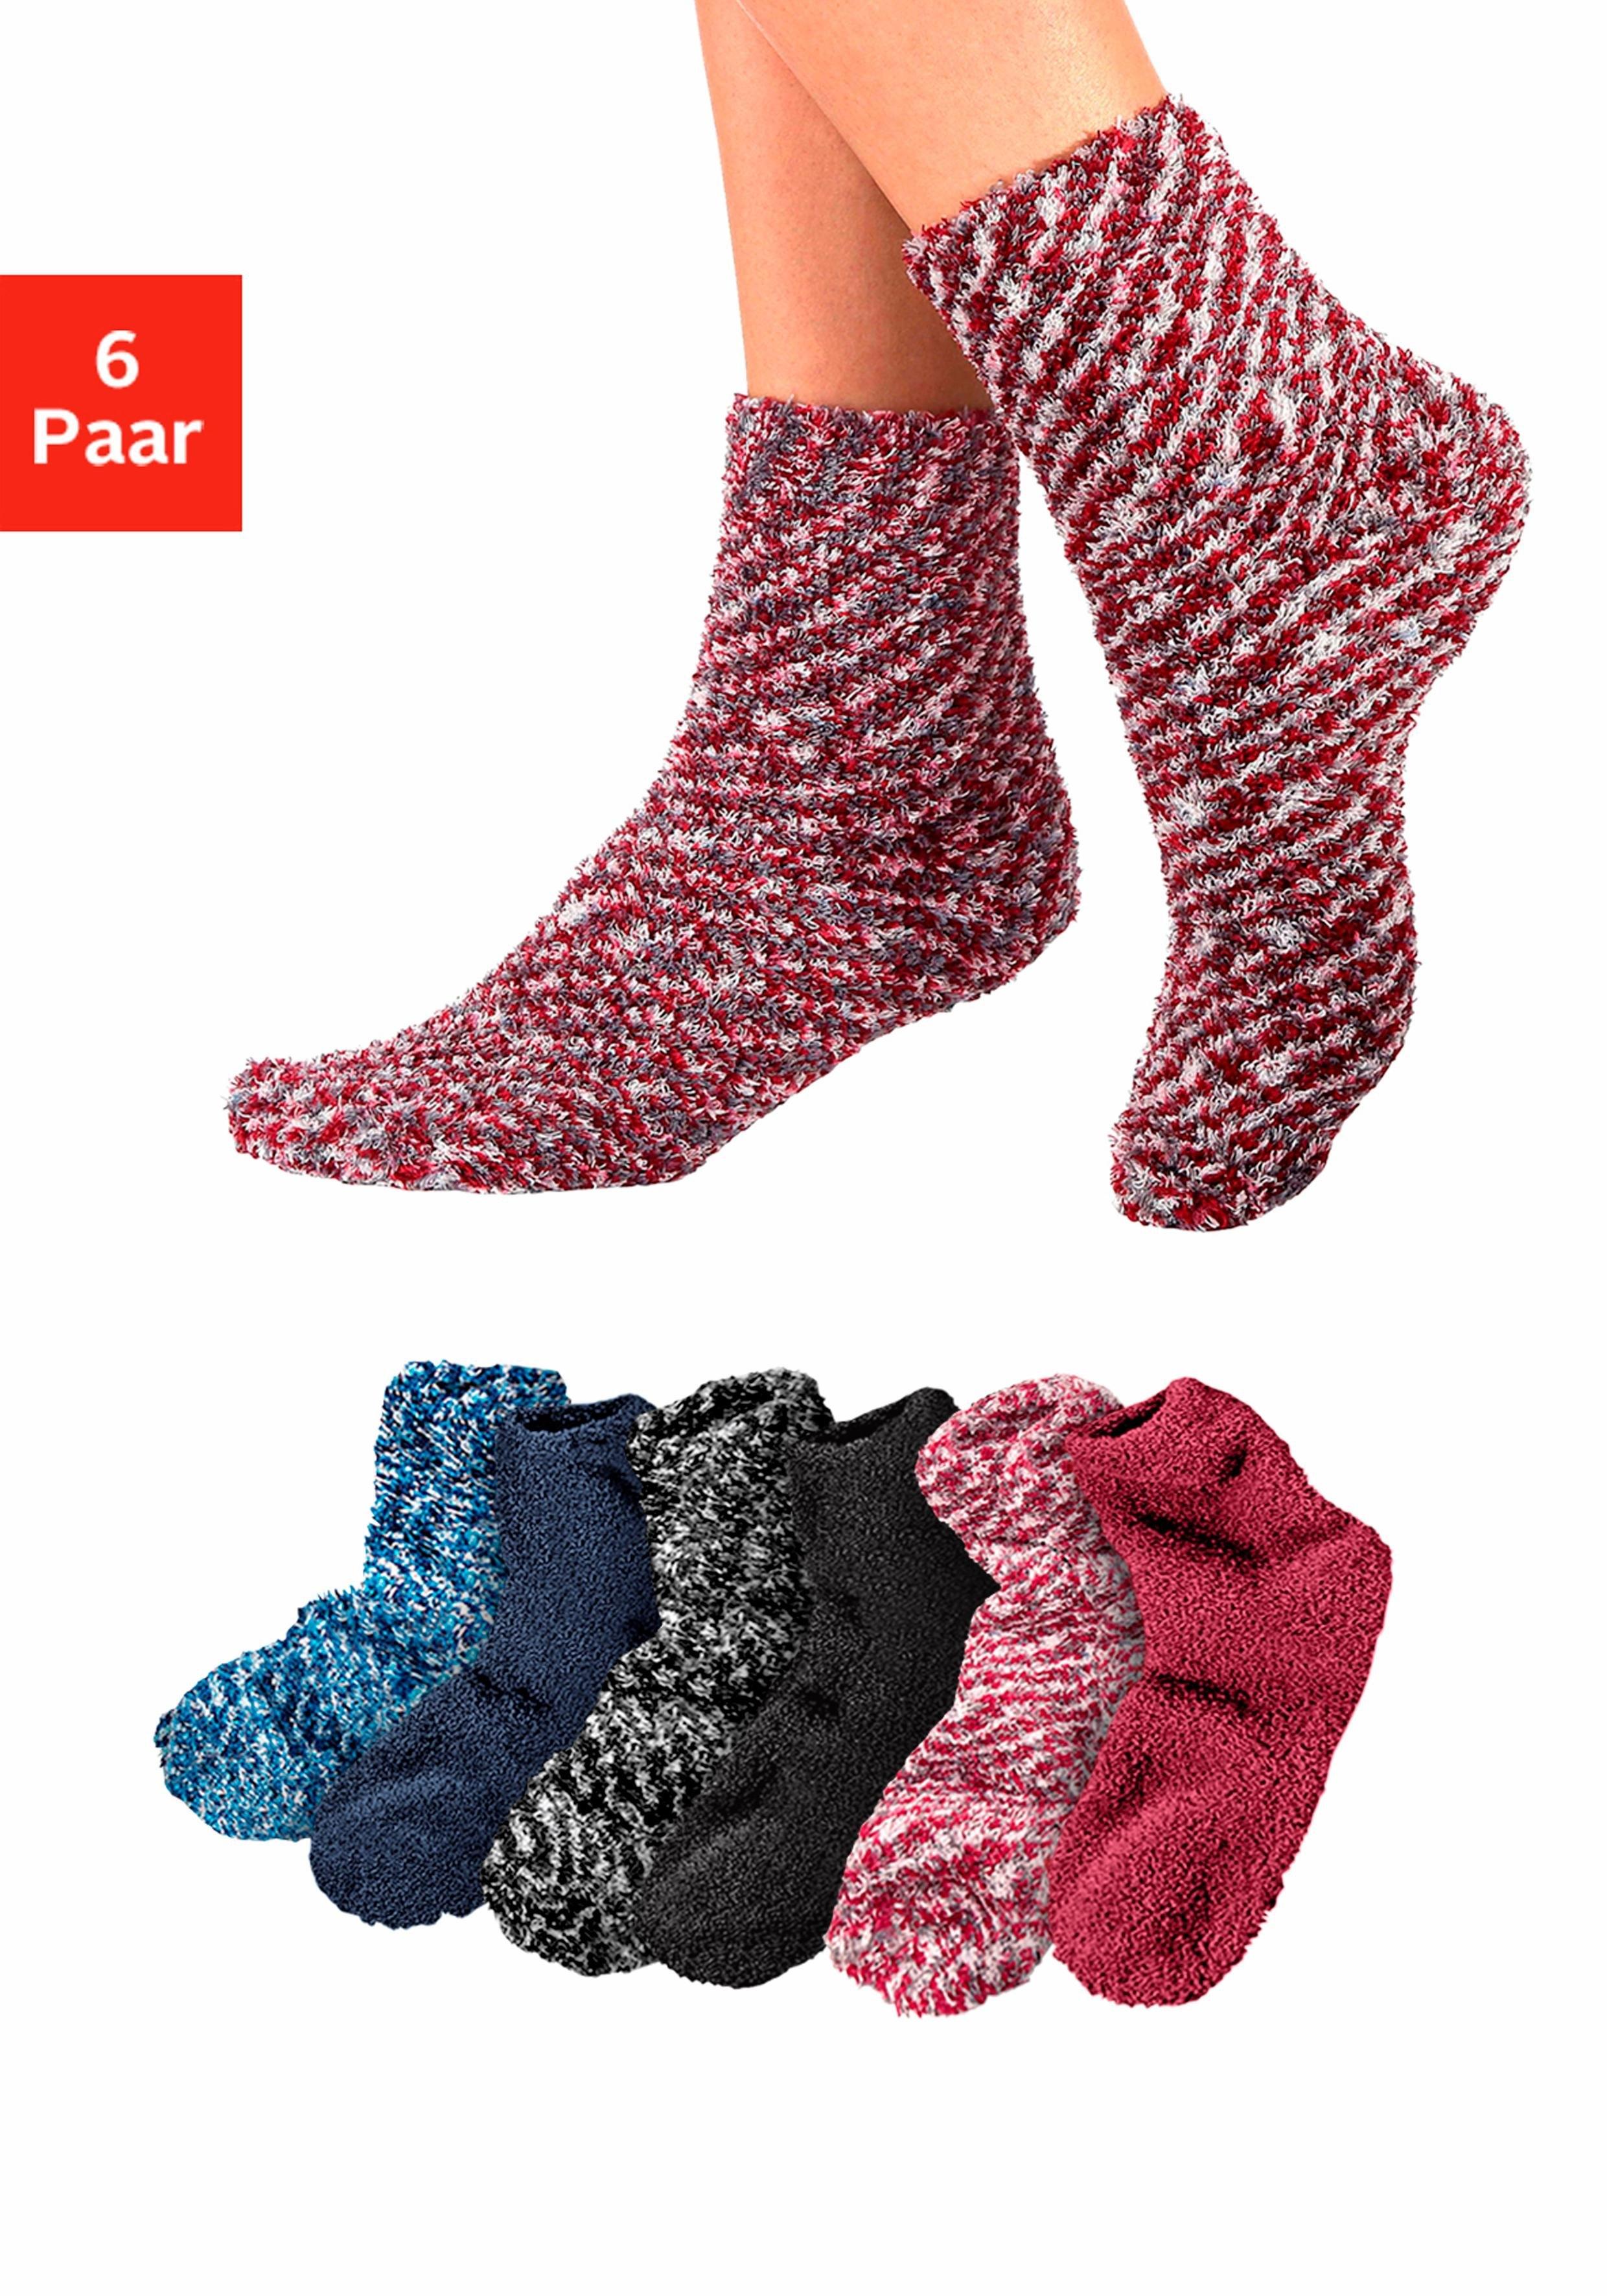 Lavana wellness-sokken (set van 6 paar) nu online kopen bij Lascana